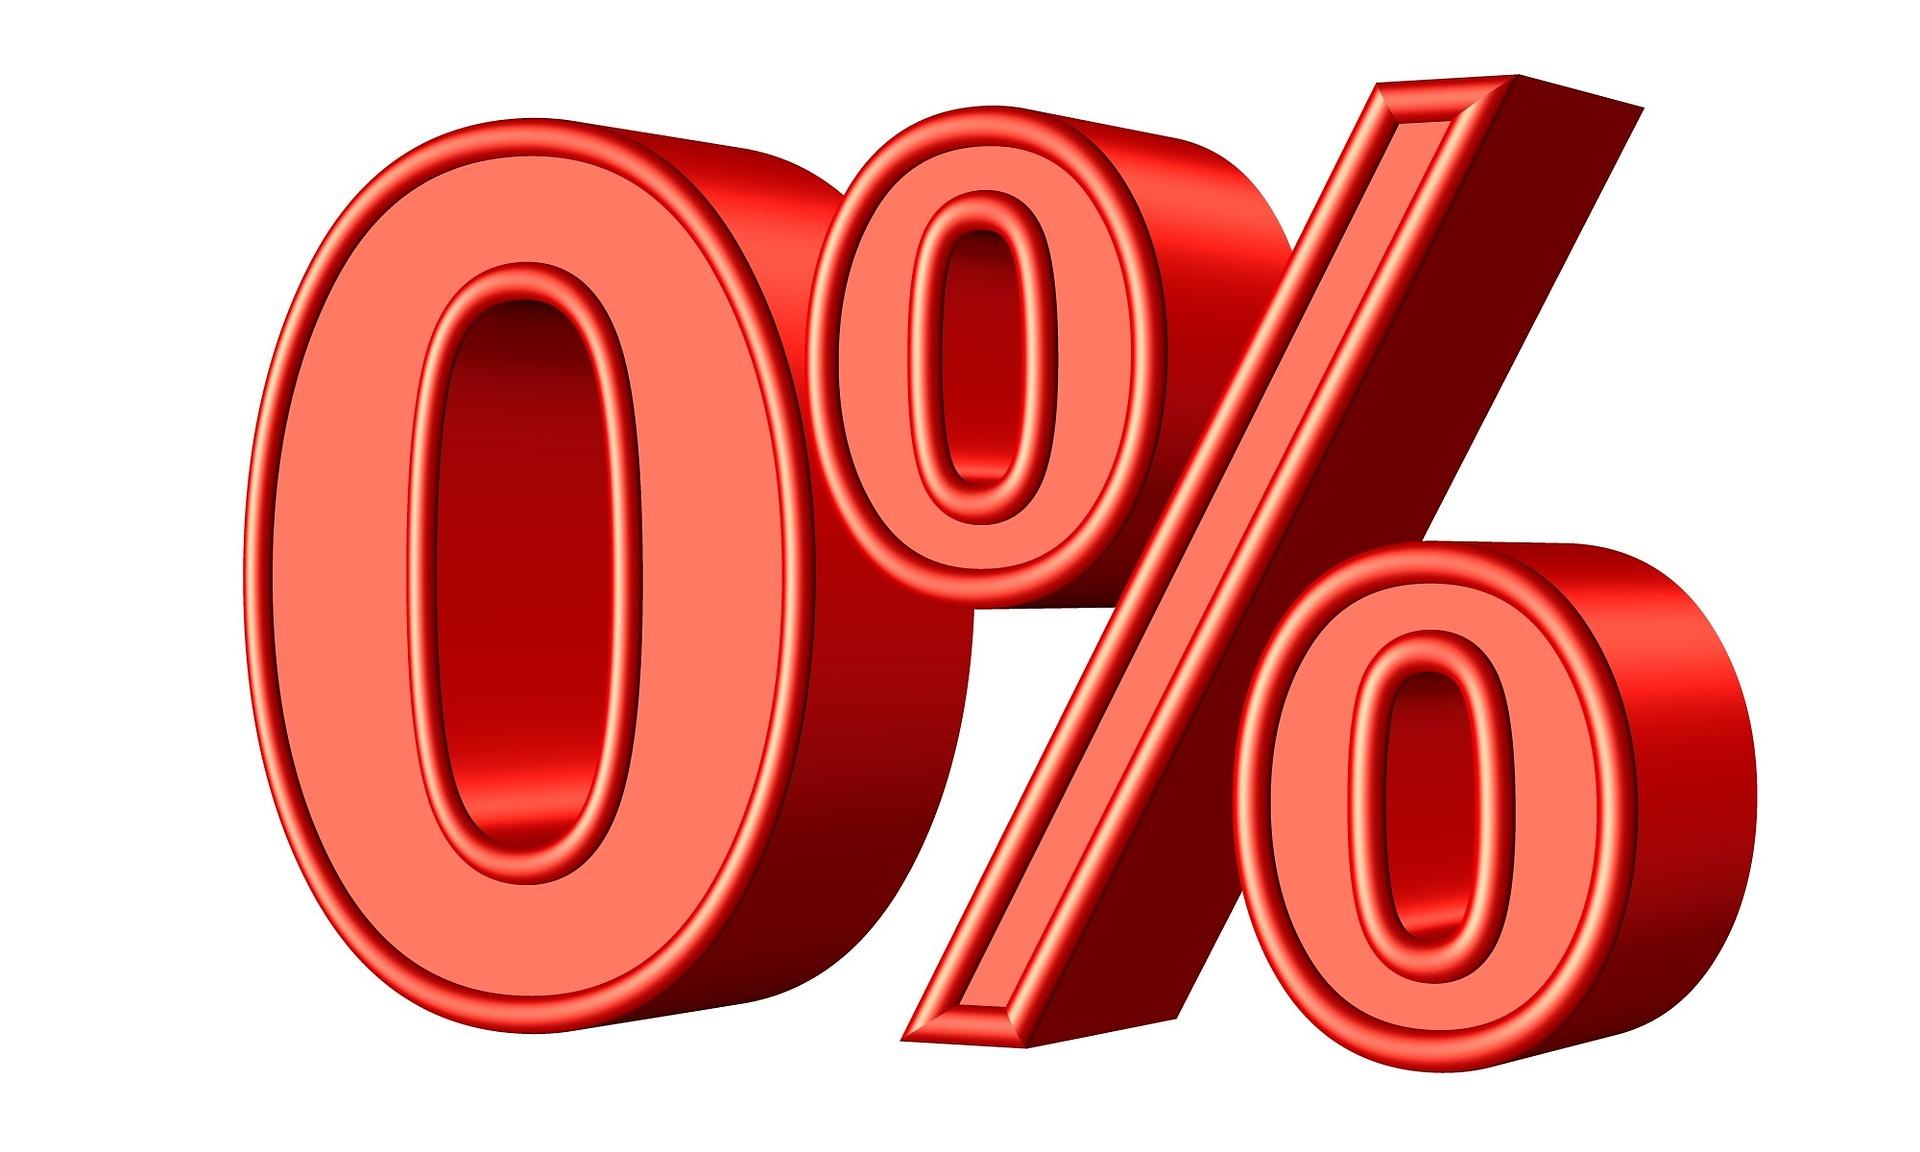 Кредит без процентов — теперь реальность!